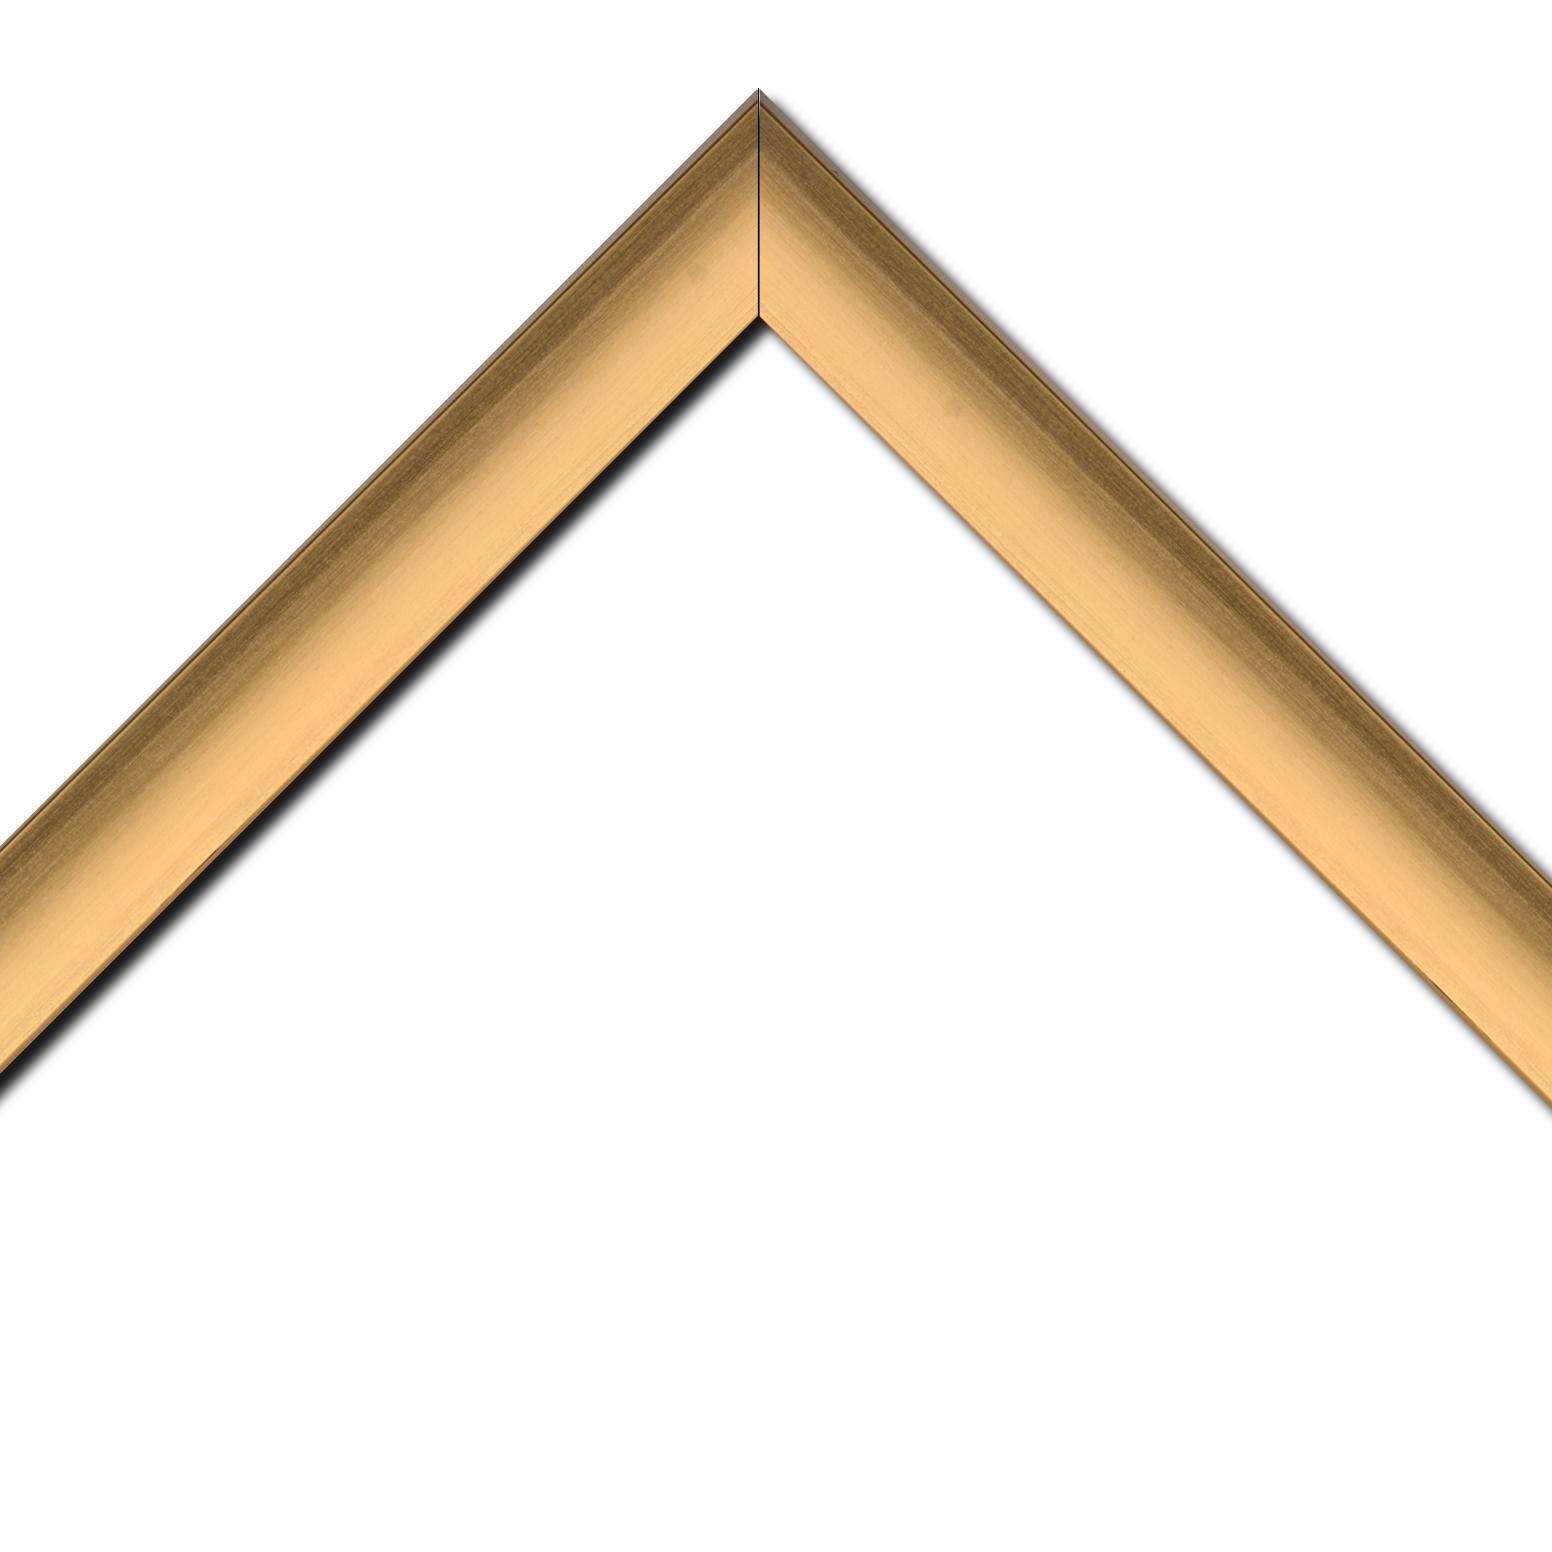 Baguette bois profil incliné en pente largeur 3.9cm or brossé